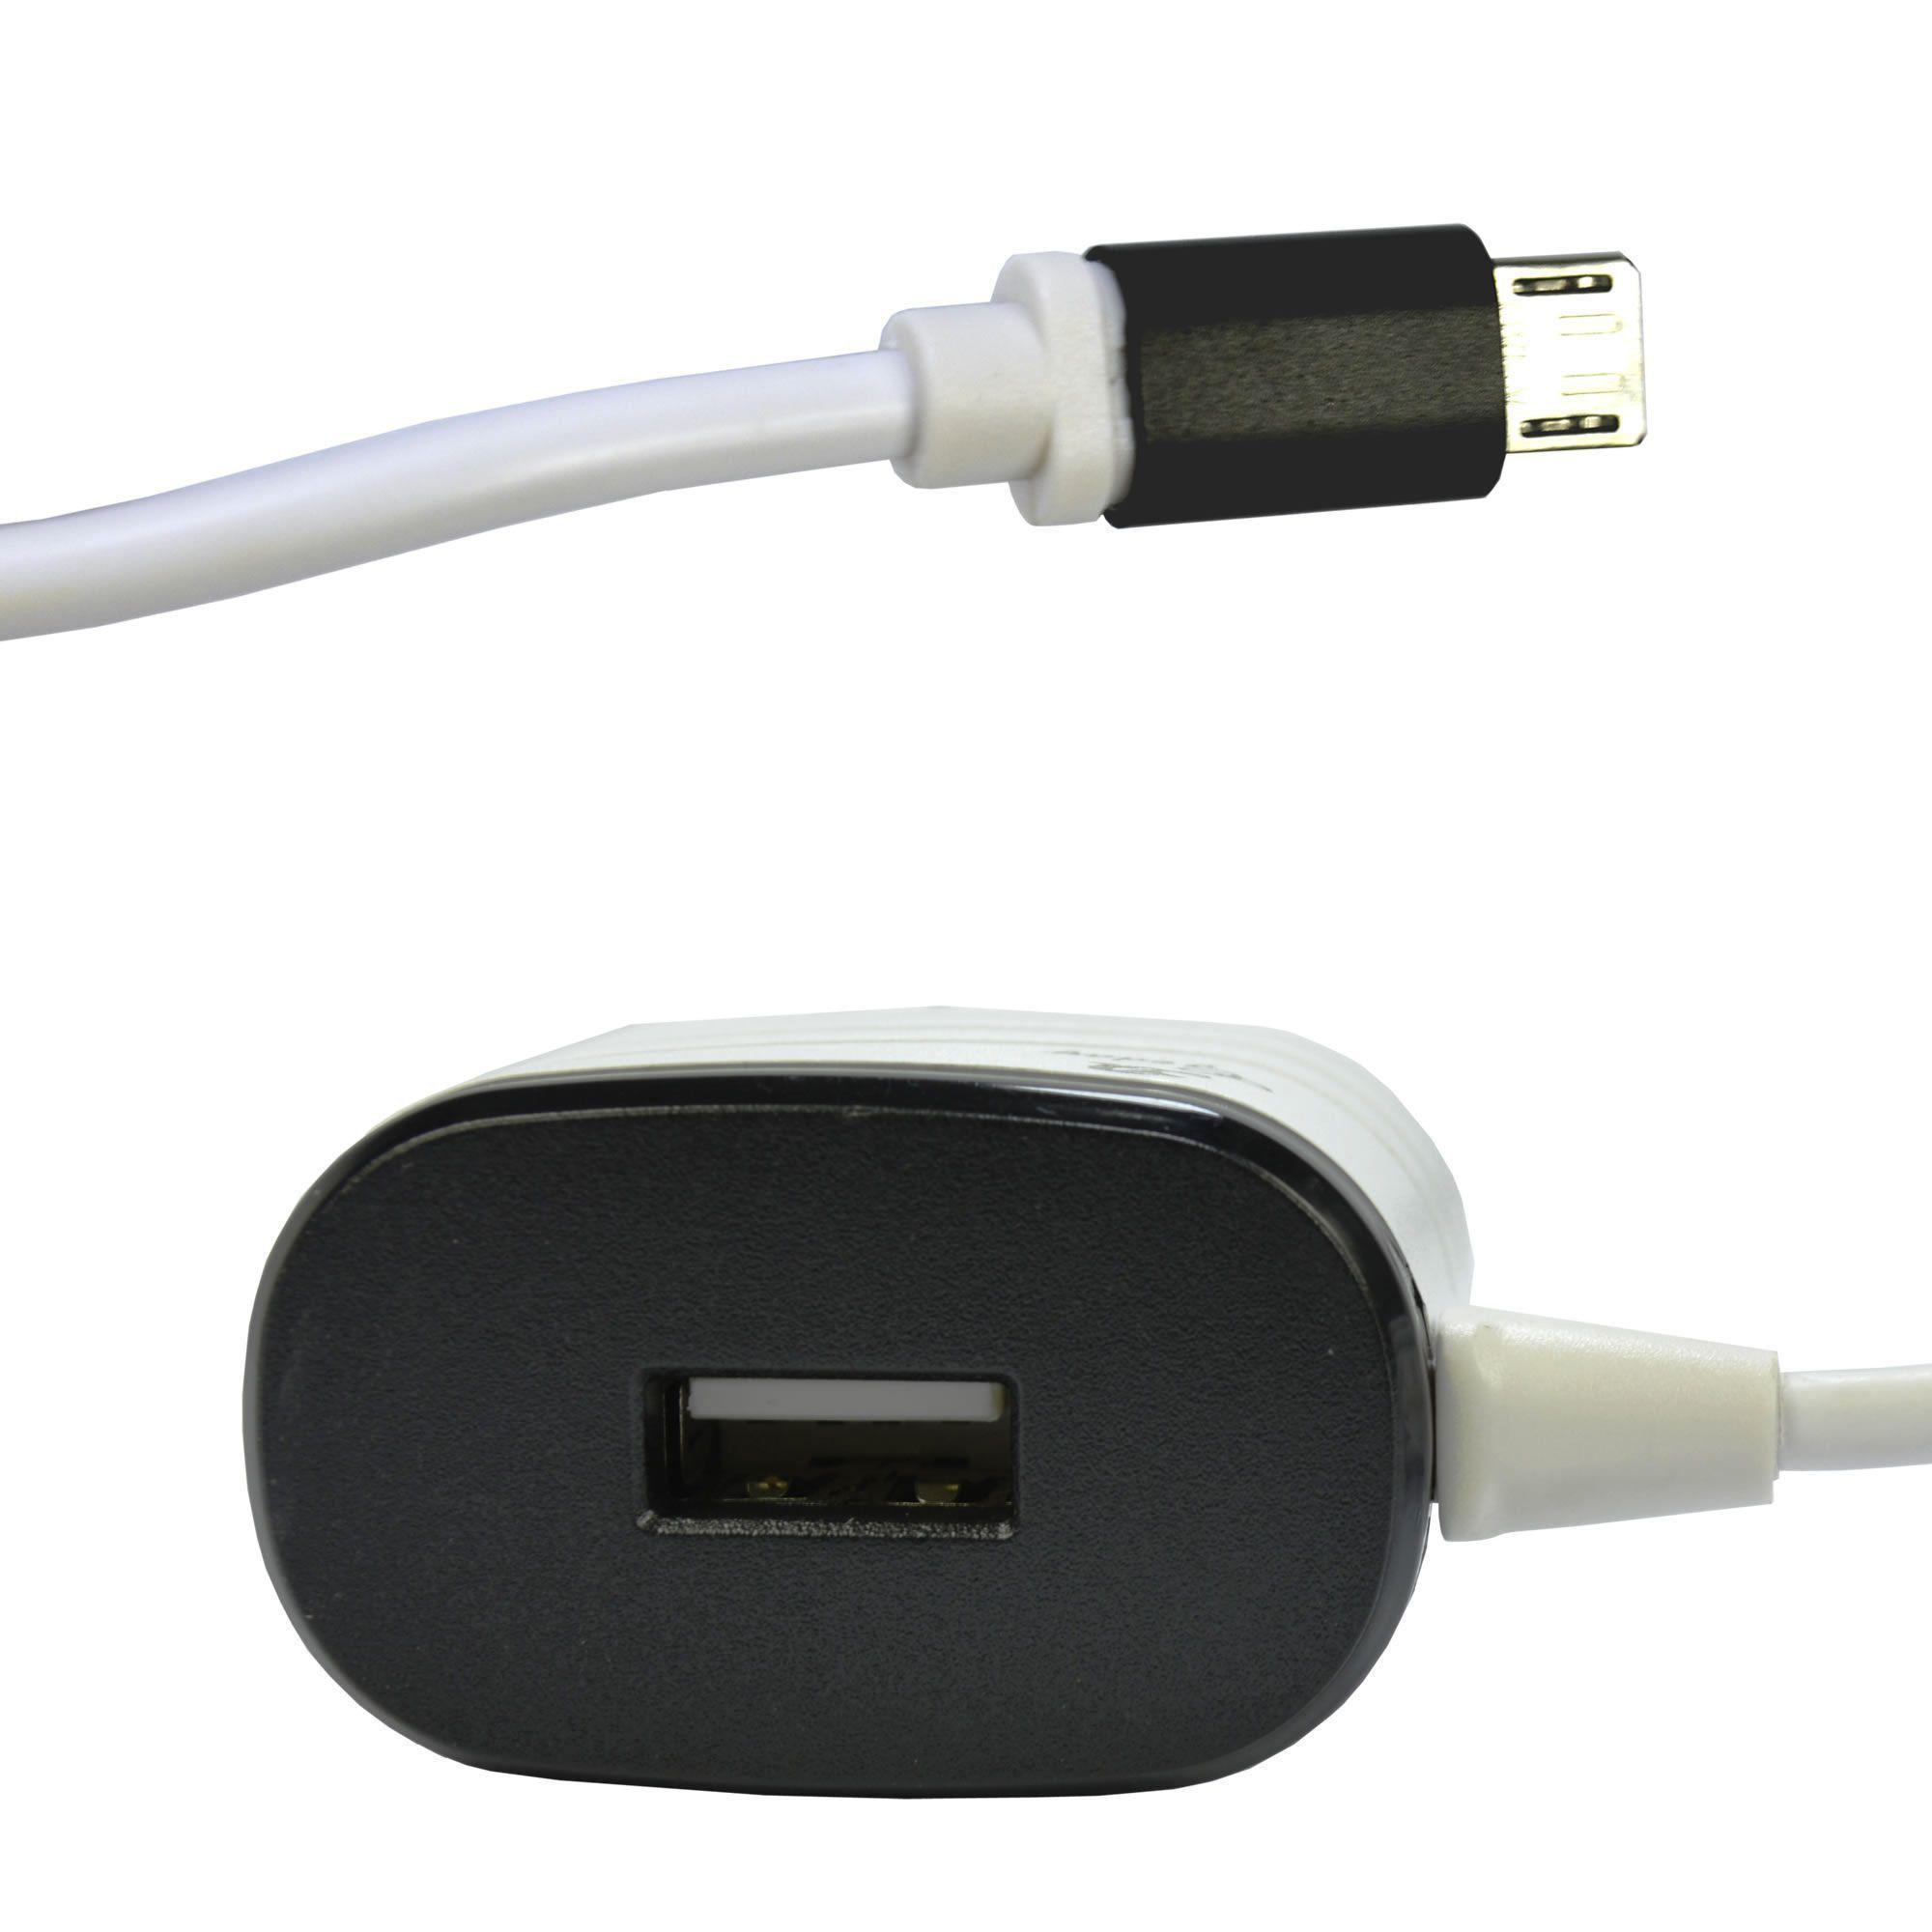 Carregador De Celular Universal Parede 1 USB bivolt 1.6A Preto CBRN05208